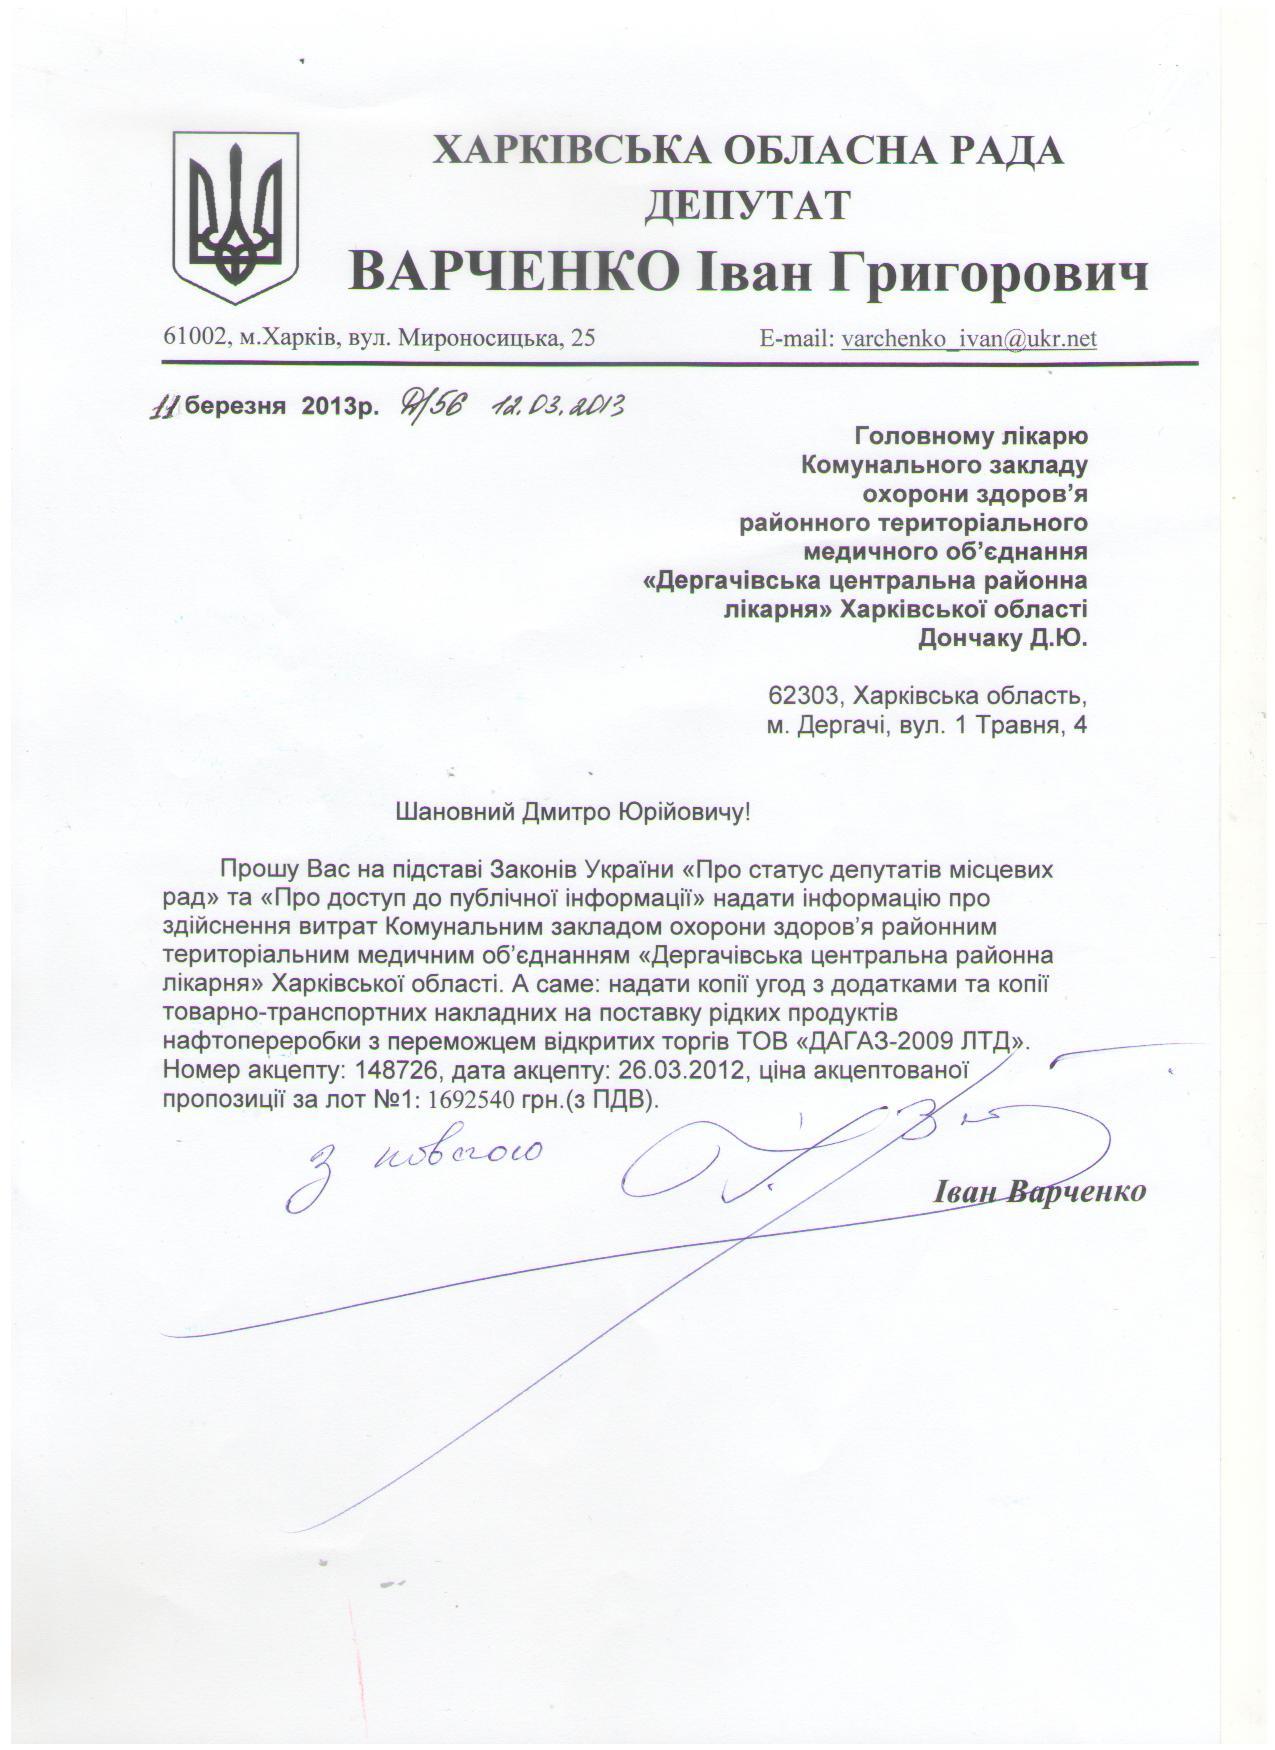 20130311 Скан Лист Варченка